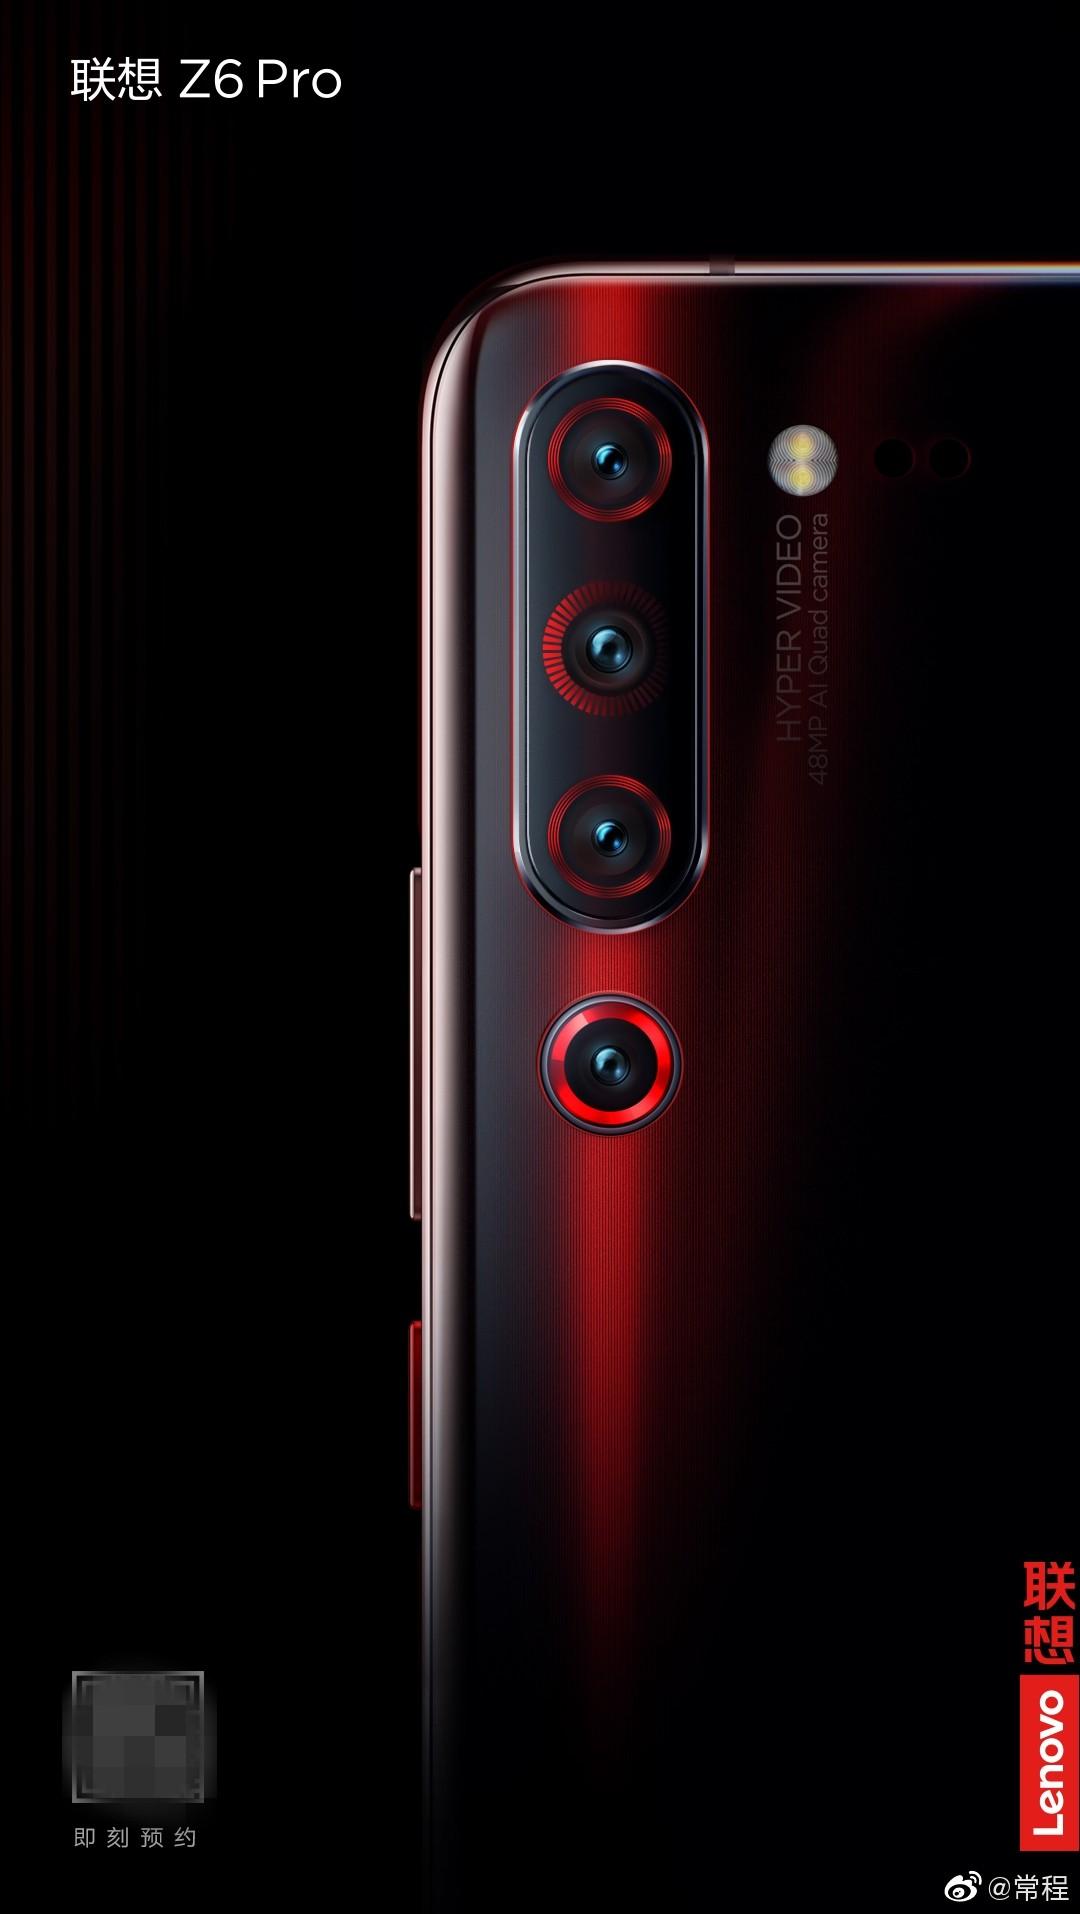 لنوو z6 pro هوشمندترین موبایل جهان در ایران